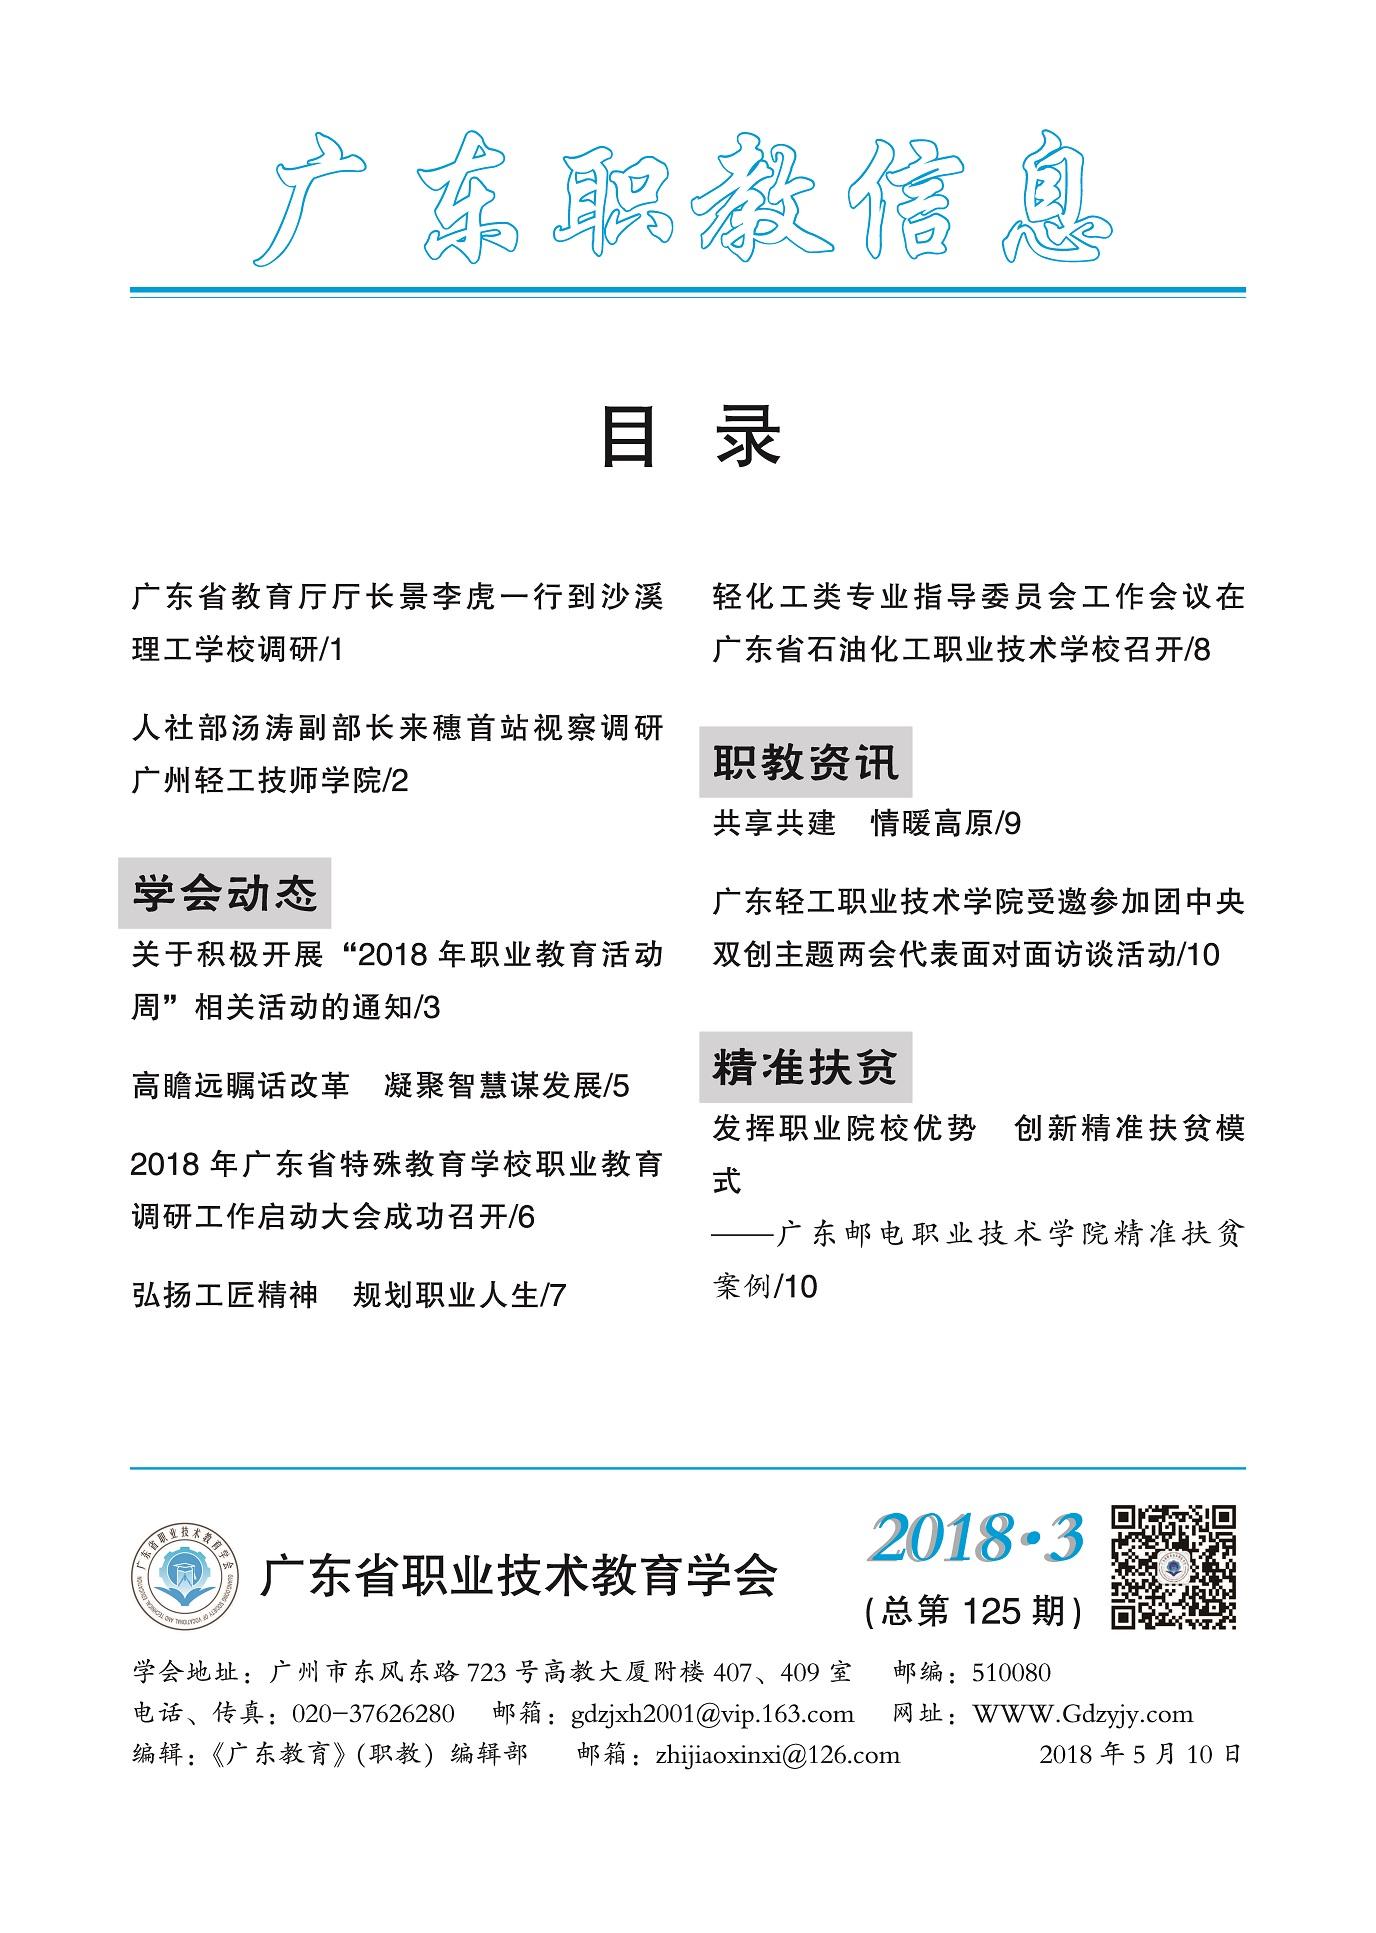 页面提取自-广东职教信息2018第3期.jpg